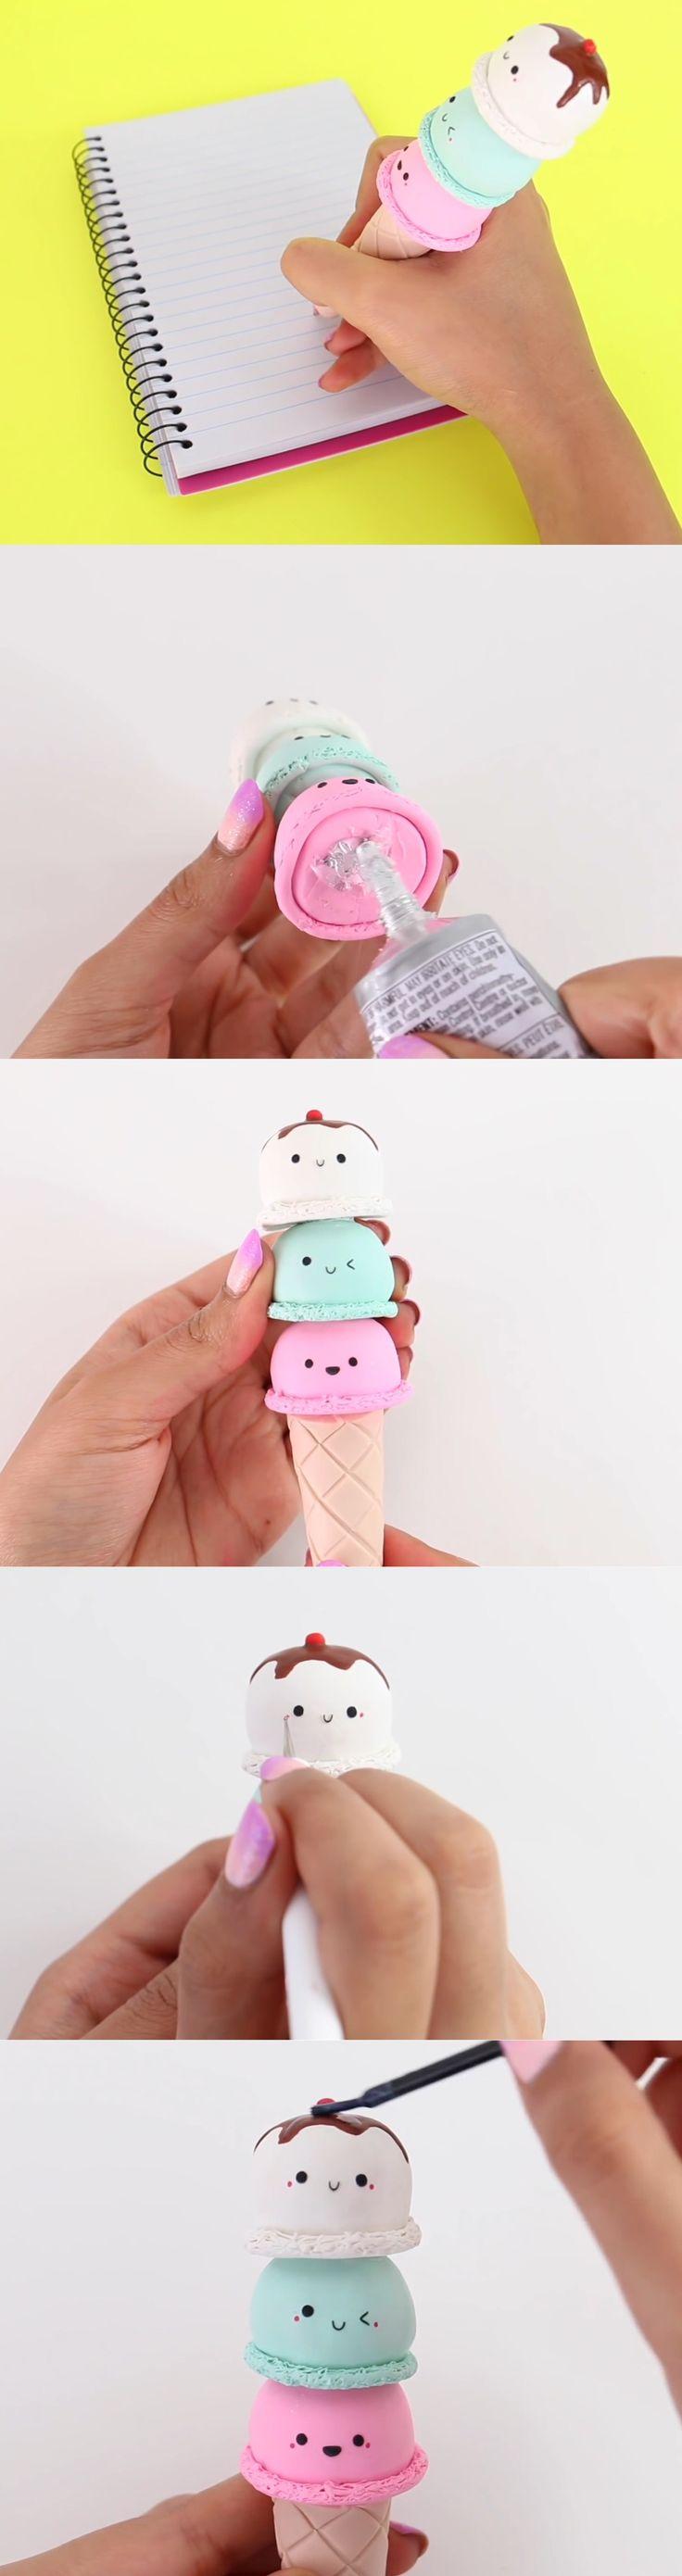 Ice-Cream Pen Part 6|Nim C